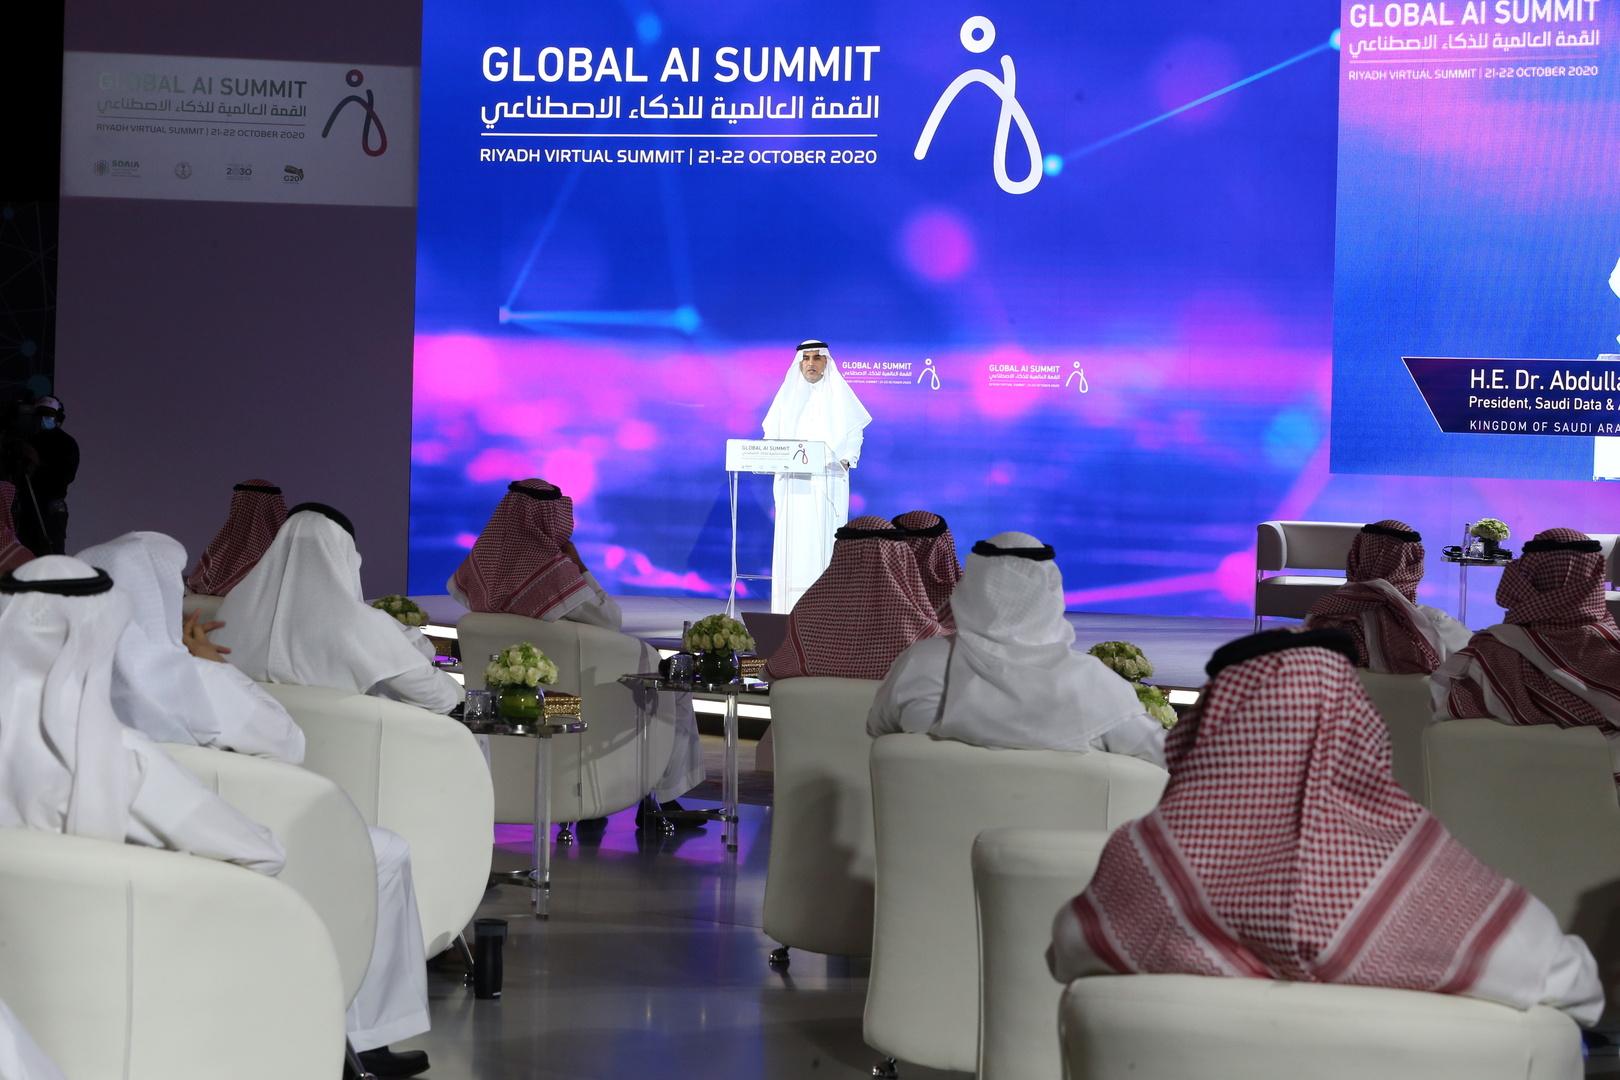 رئيس الهيئة السعودية للبيانات والذكاء الاصطناعي